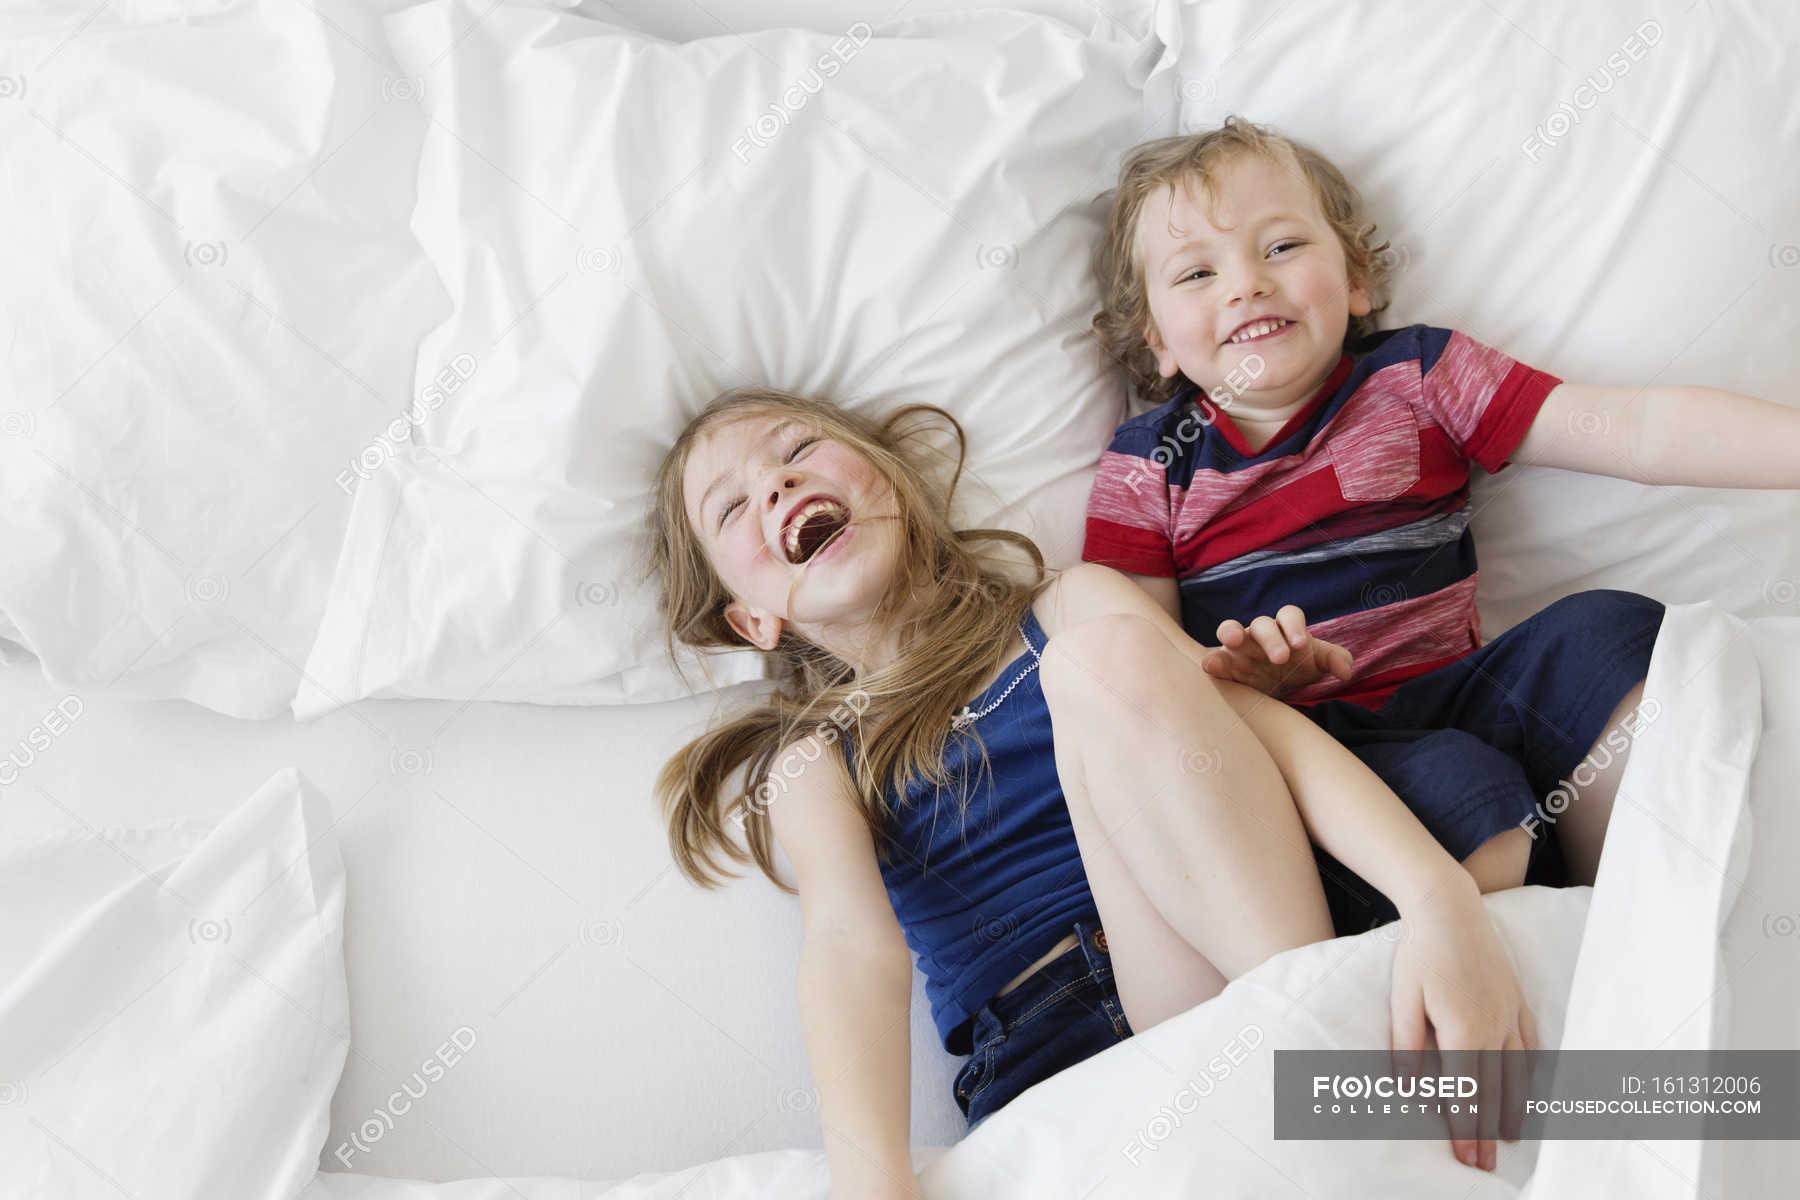 Русское порно брат трахнул пьяную сестру, брат и сестра развлекаются смотреть видео онлайн 14 фотография